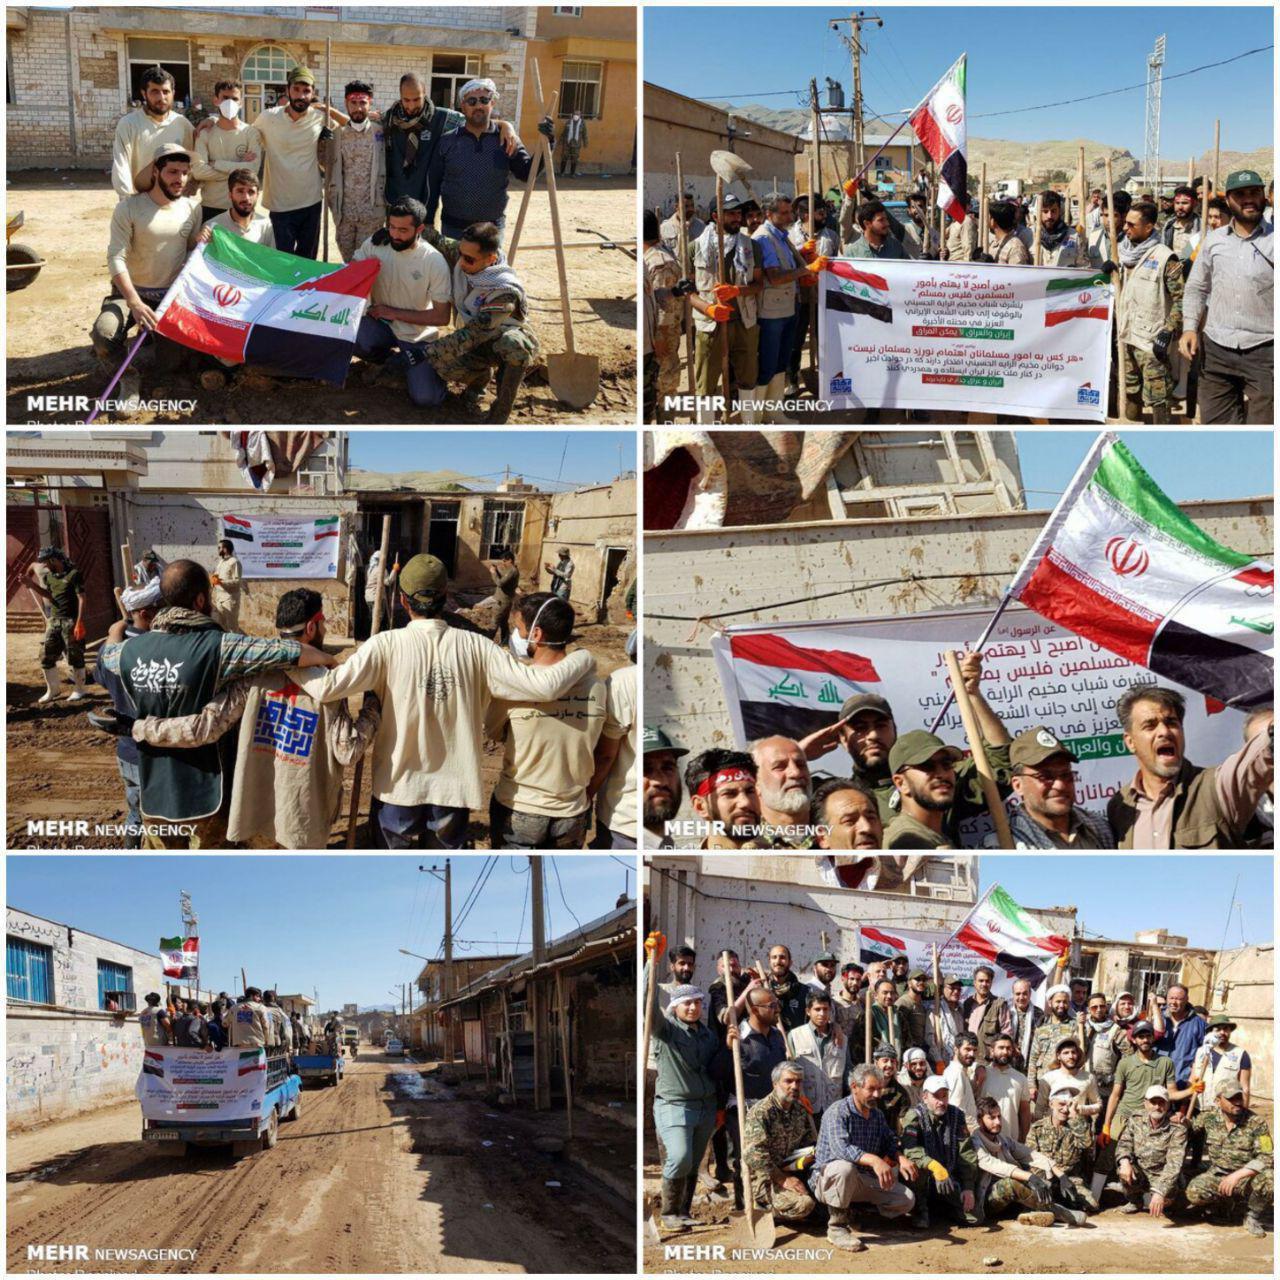 نیروهای عراقی «شباب مخیم الرایة الحسینی» برای کمک رسانی به سیلزدگان به شهر پلدختر آمدند